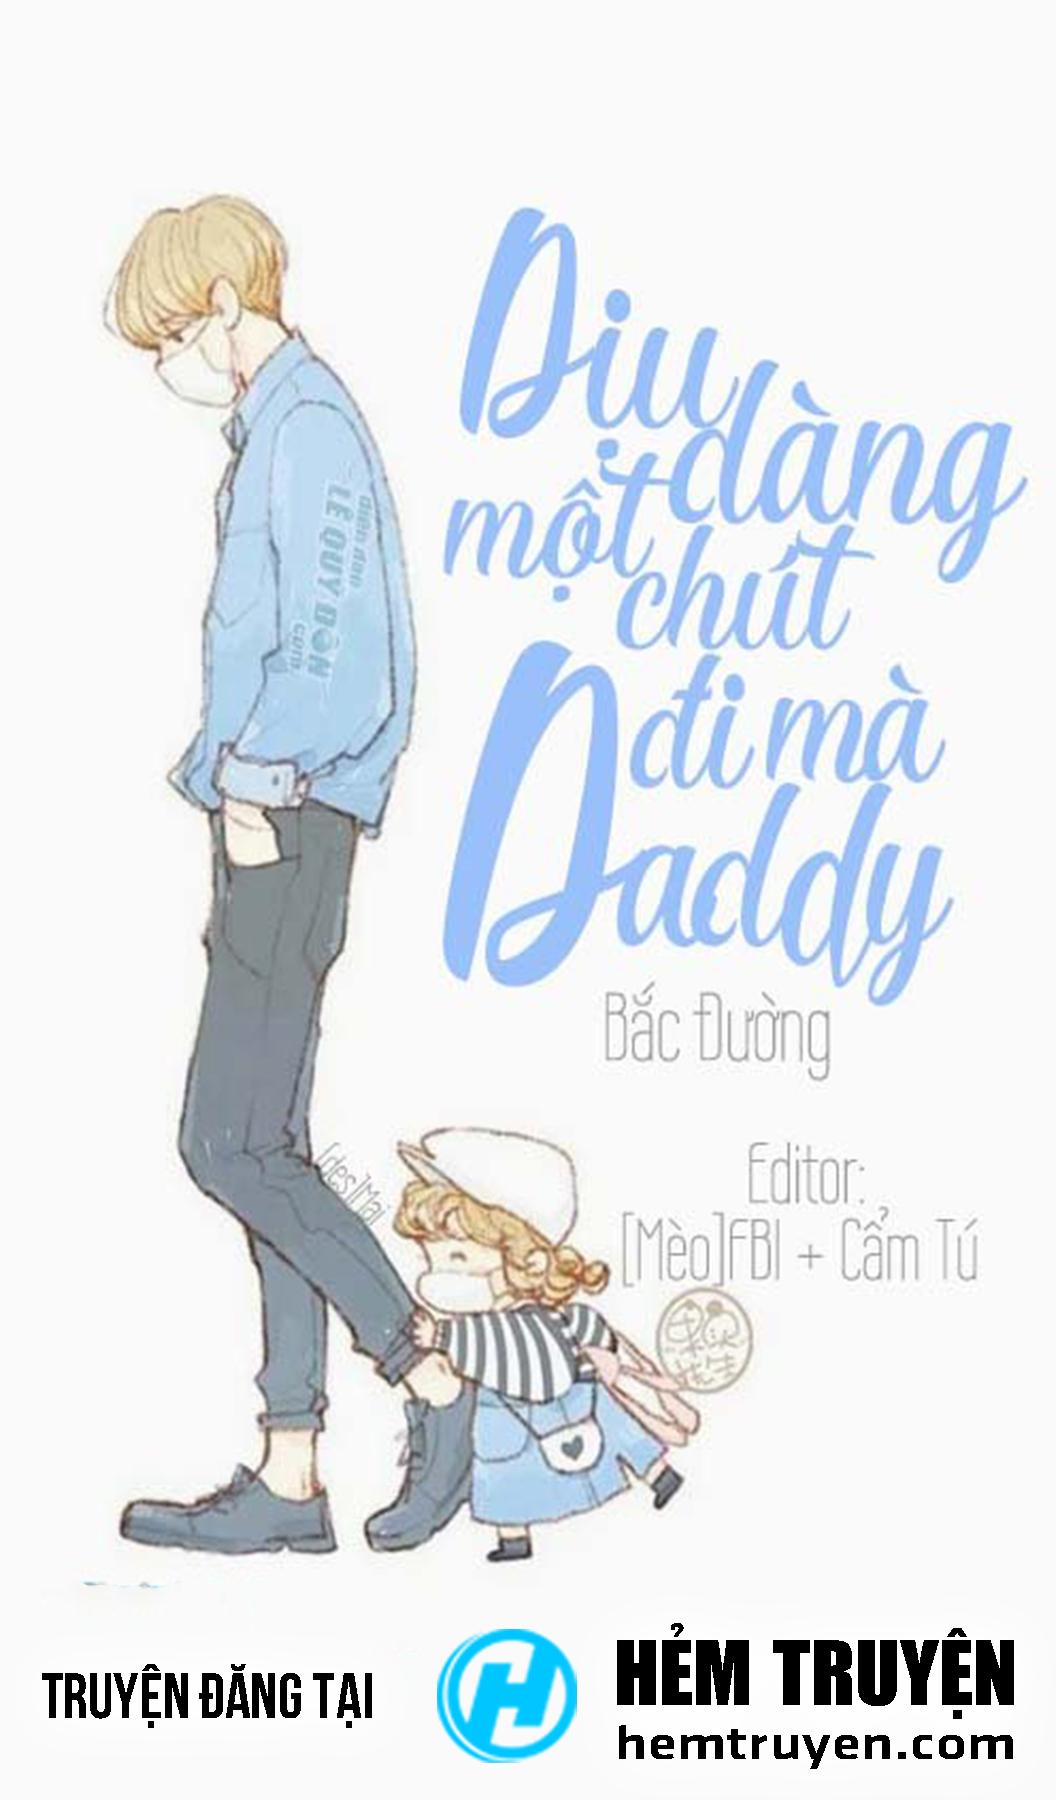 Đọc truyện Dịu Dàng Một Chút Đi Mà Daddy của Bắc Đường trên HEMTRUYEN.COM